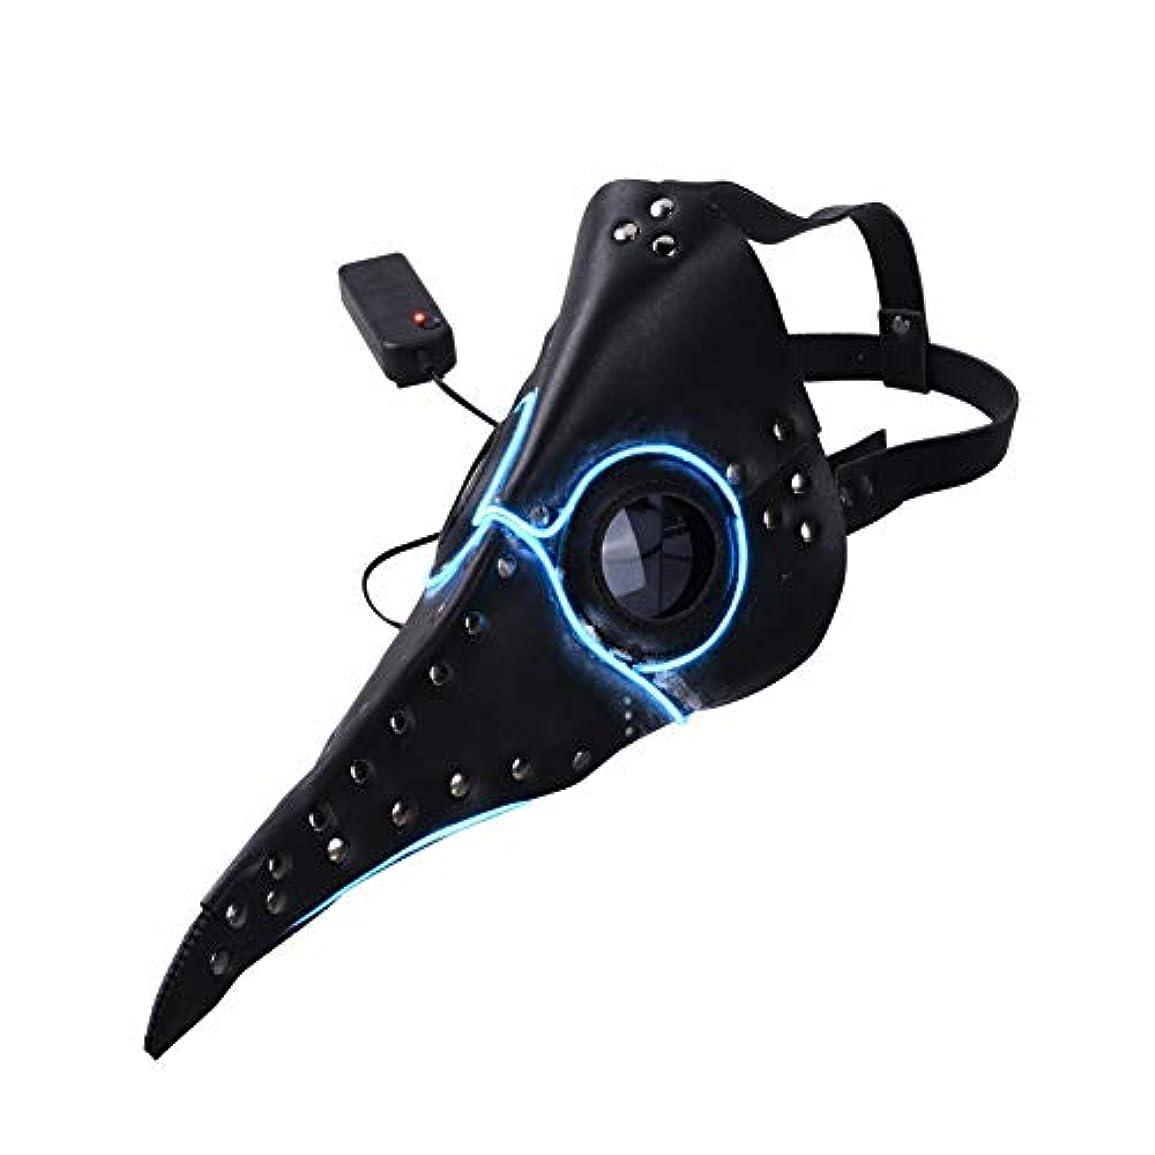 中傷週間血統Esolom LEDが点灯 ペストドクターマスク ロングノーズマスク くちばし ハロウィンデコレーション ゴシックロールプレイング カーニバル衣装小道具